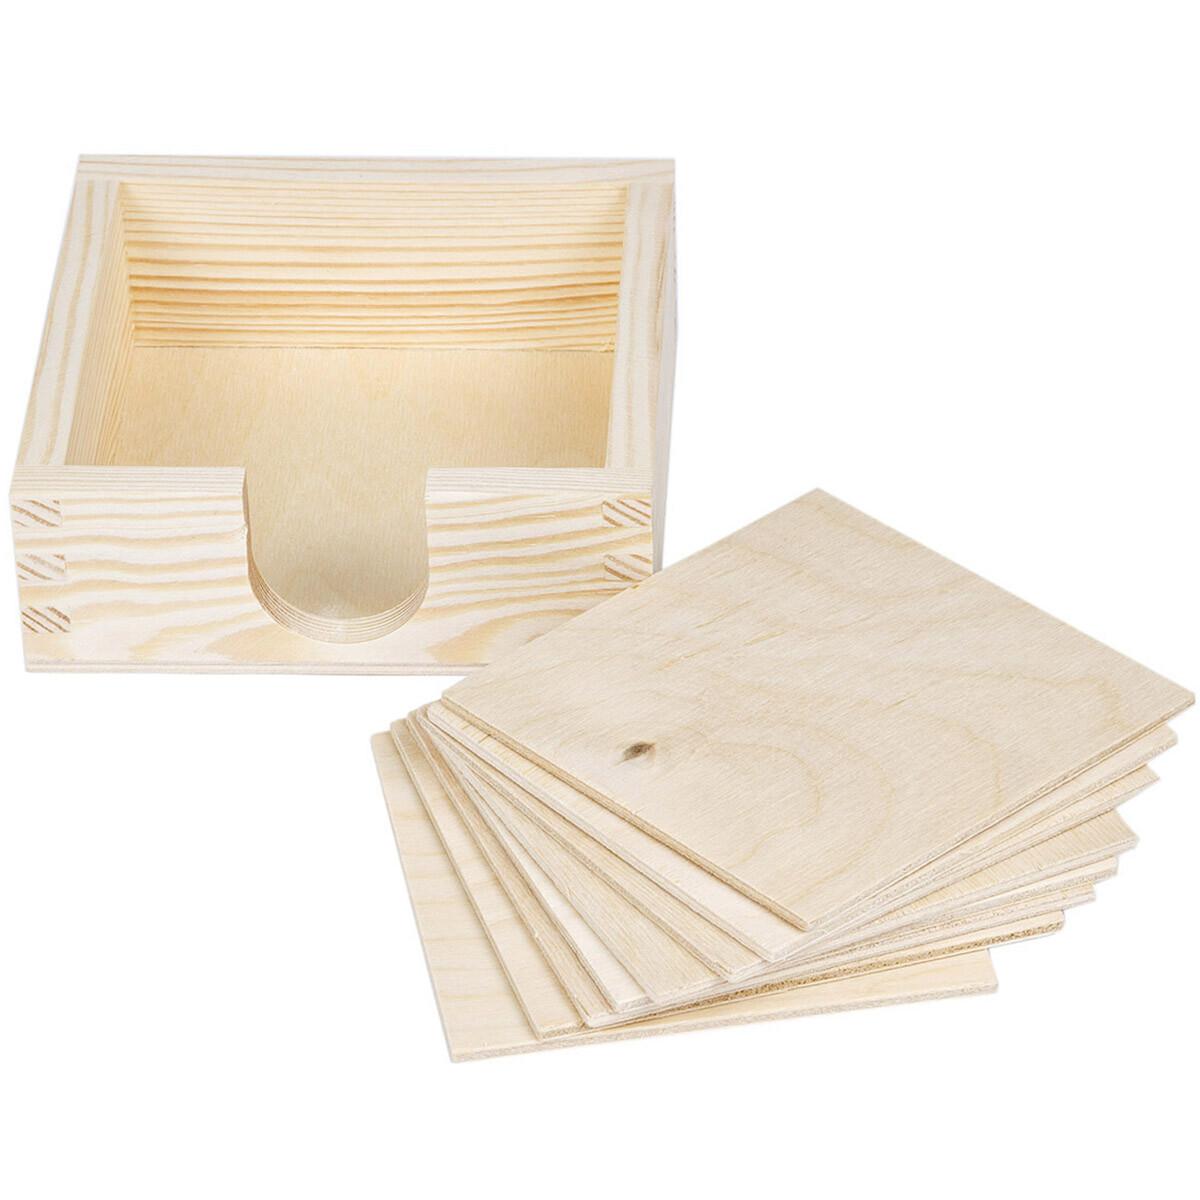 naturbelassener glasuntersetzer aus birkenholz. Black Bedroom Furniture Sets. Home Design Ideas